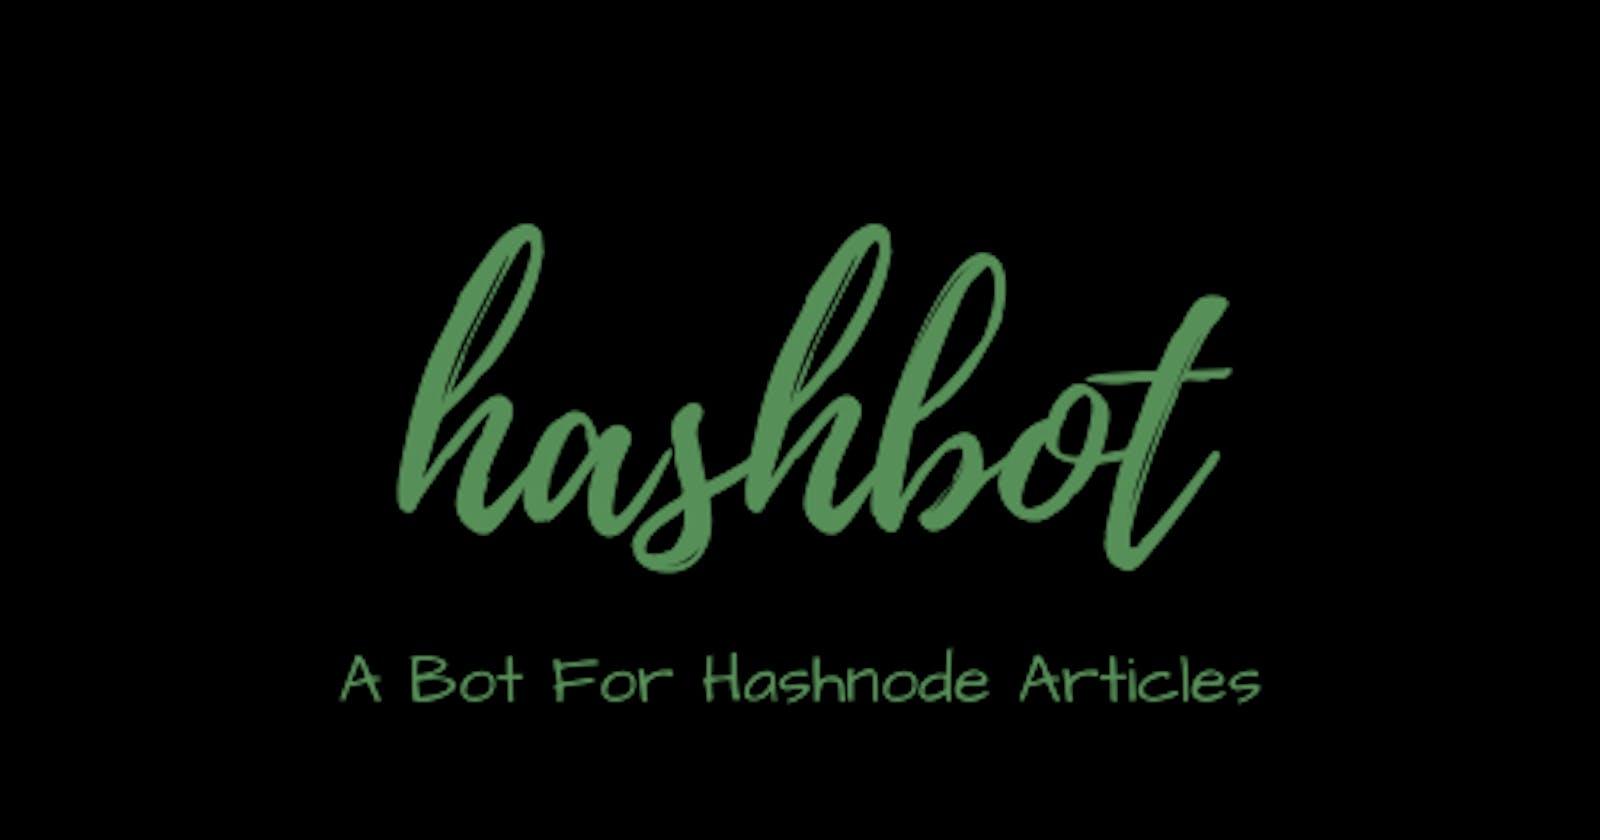 Hashbot: A Twitter Bot For Hashnode Articles #christmashackathon